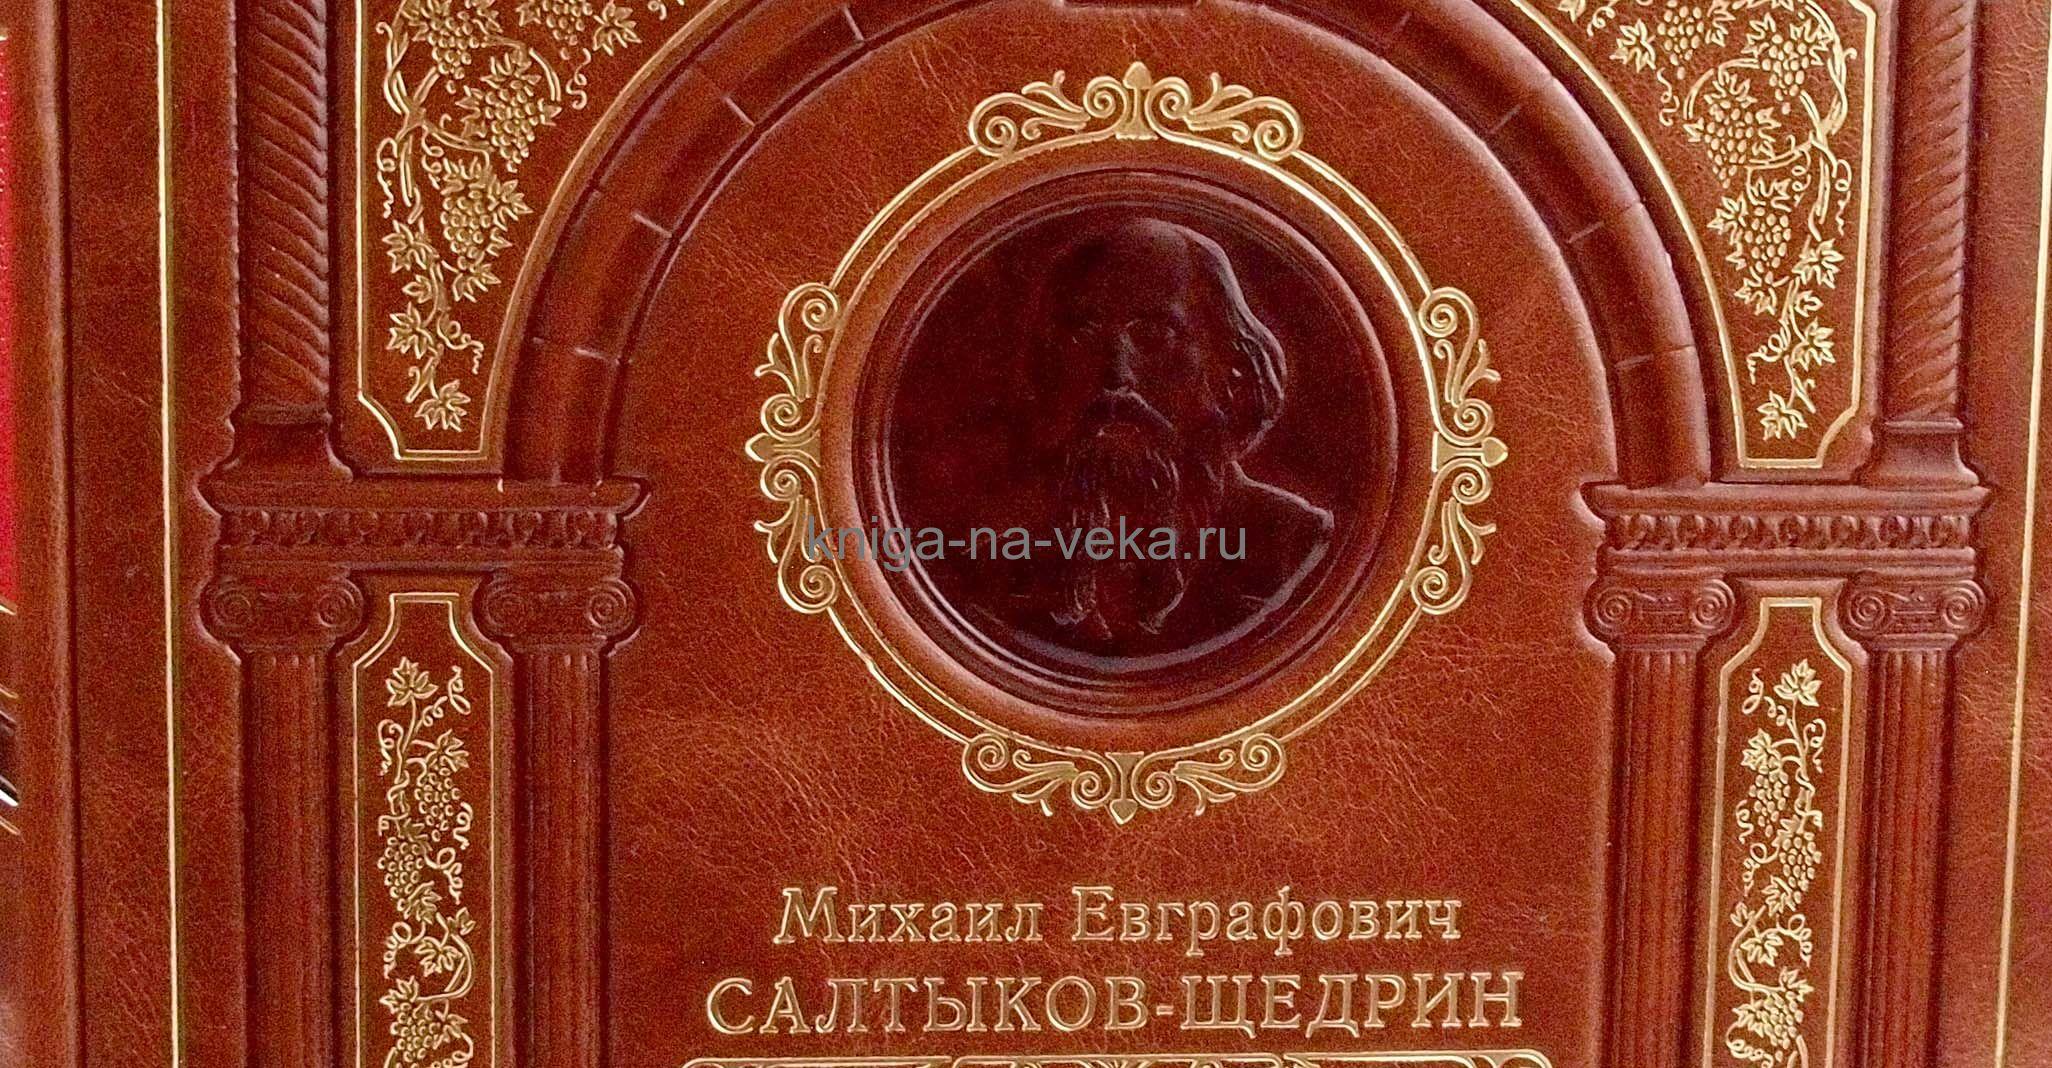 """Подарочная кожаная книга М.Е. Салтыков-Щедрин """"Избранные произведения"""""""